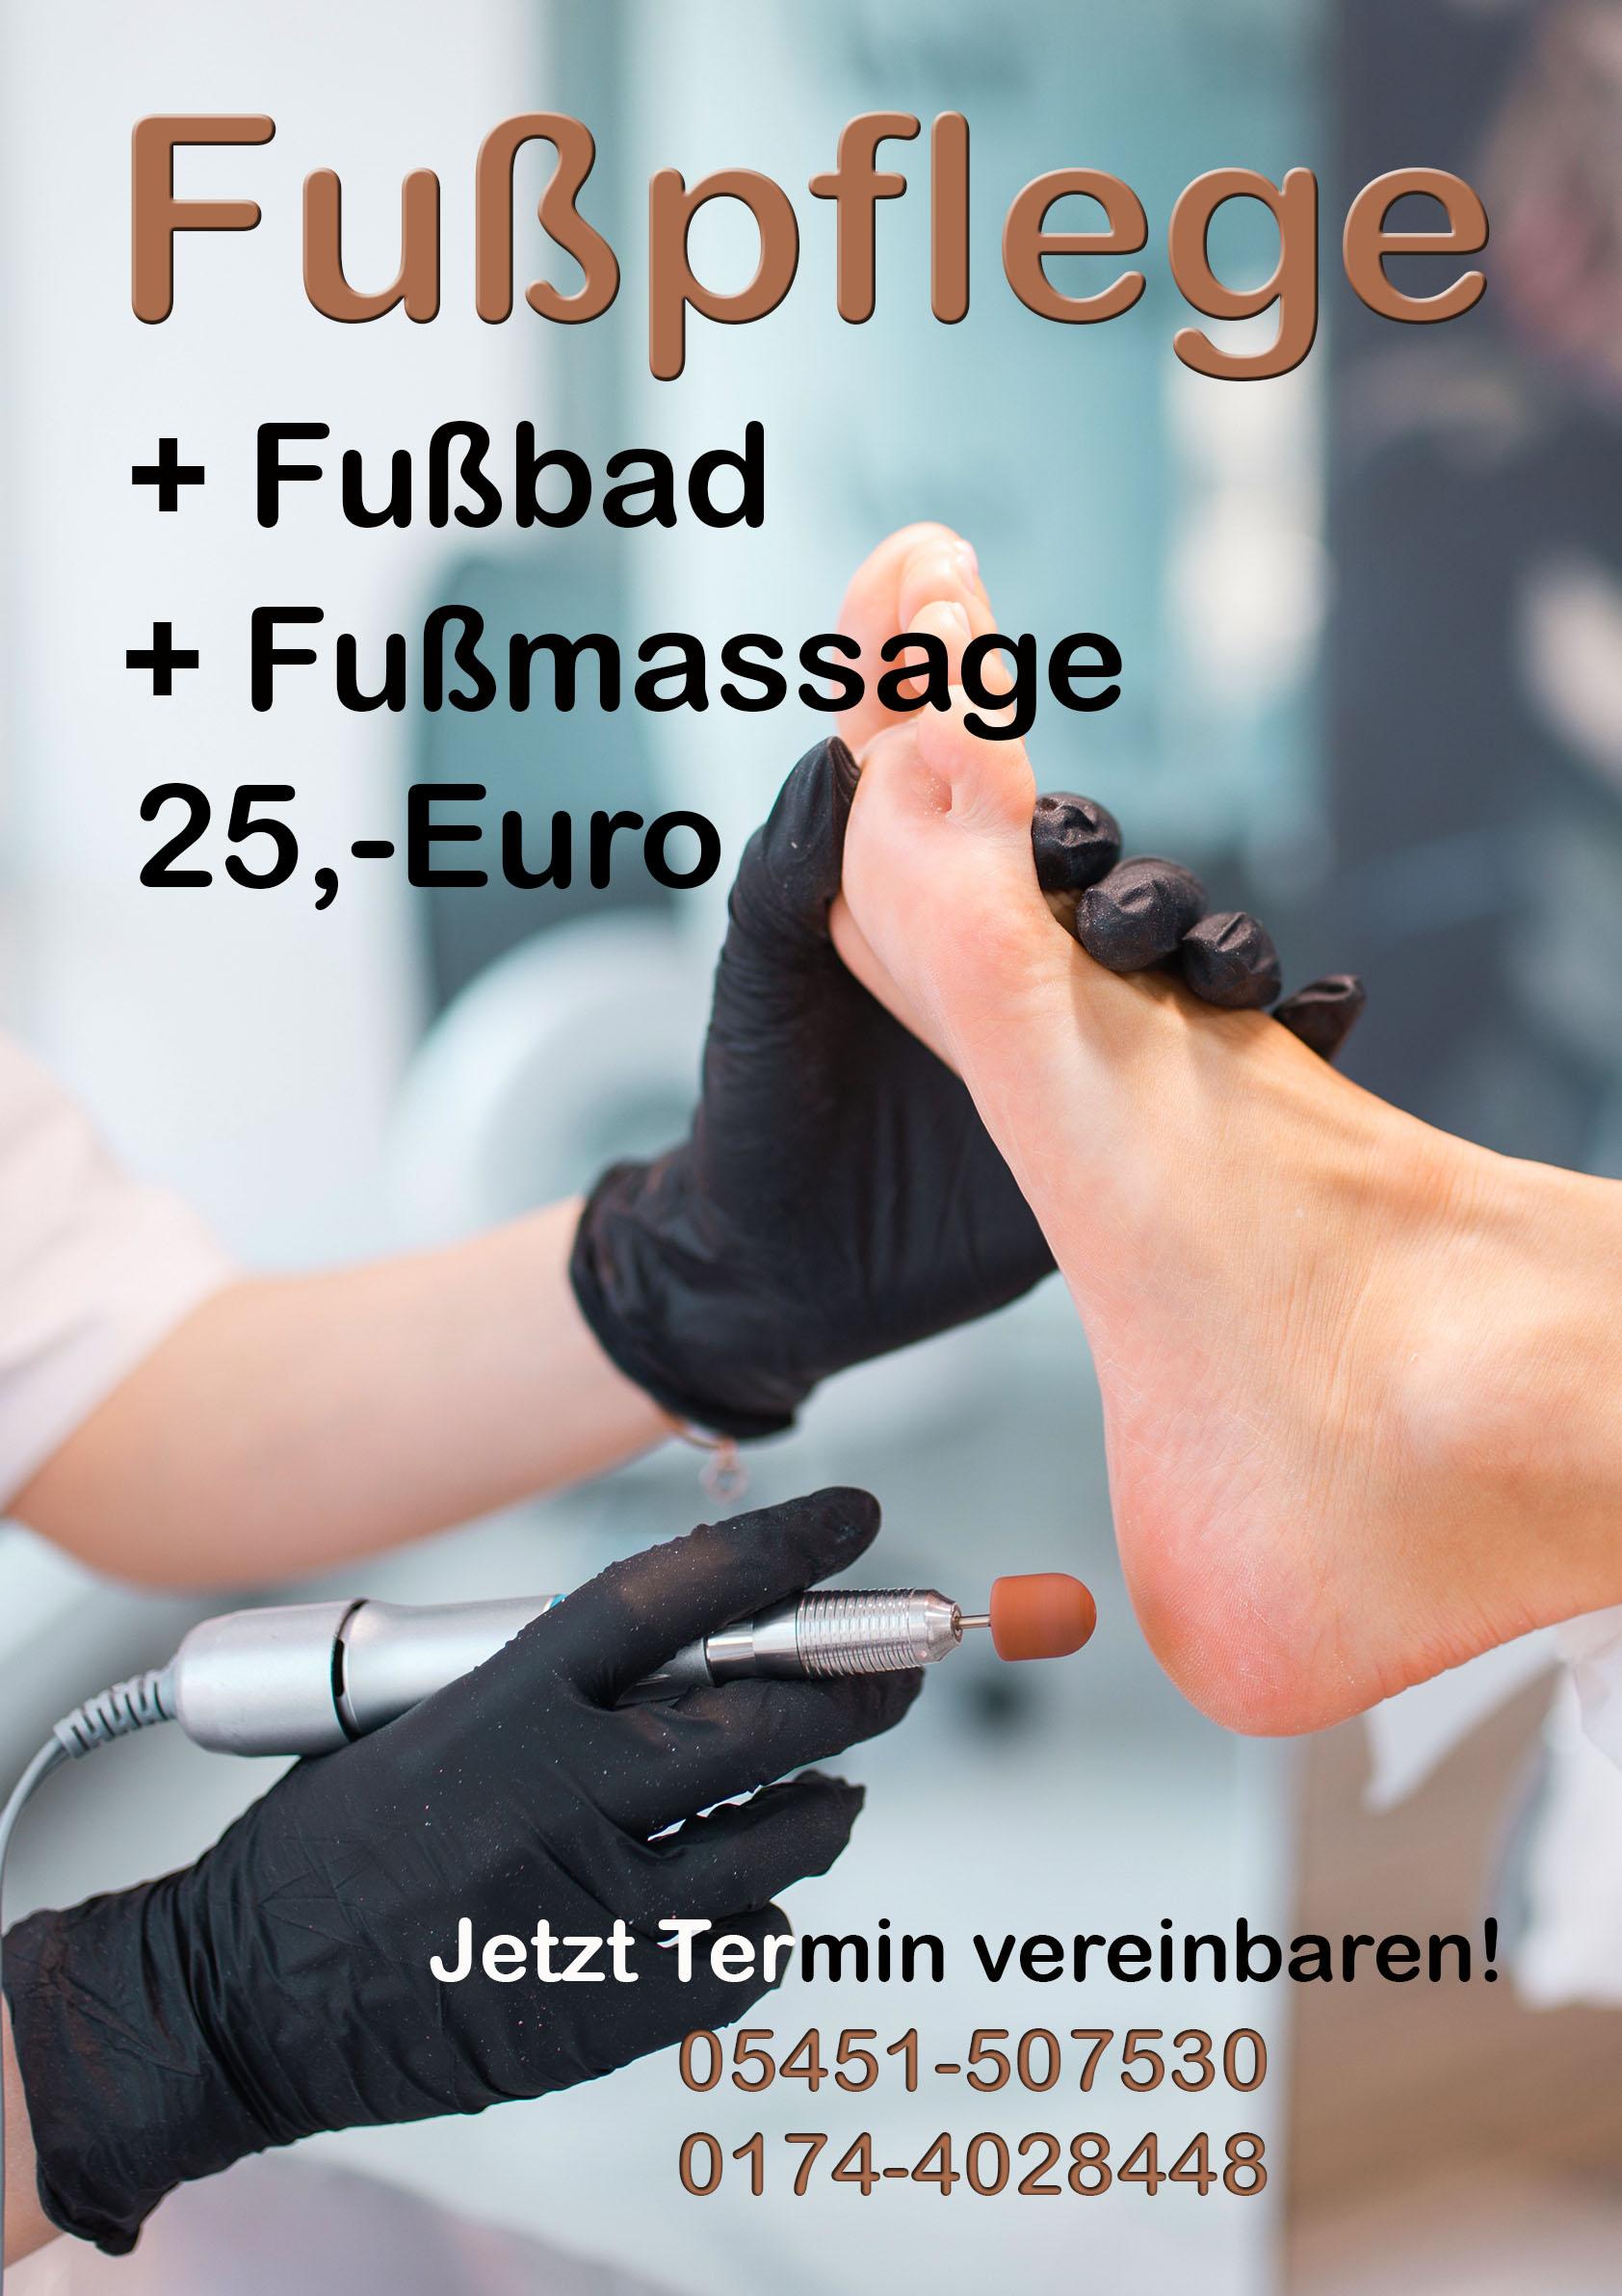 Fußpflege + Fußbad und Fußmassage- 05451 507530